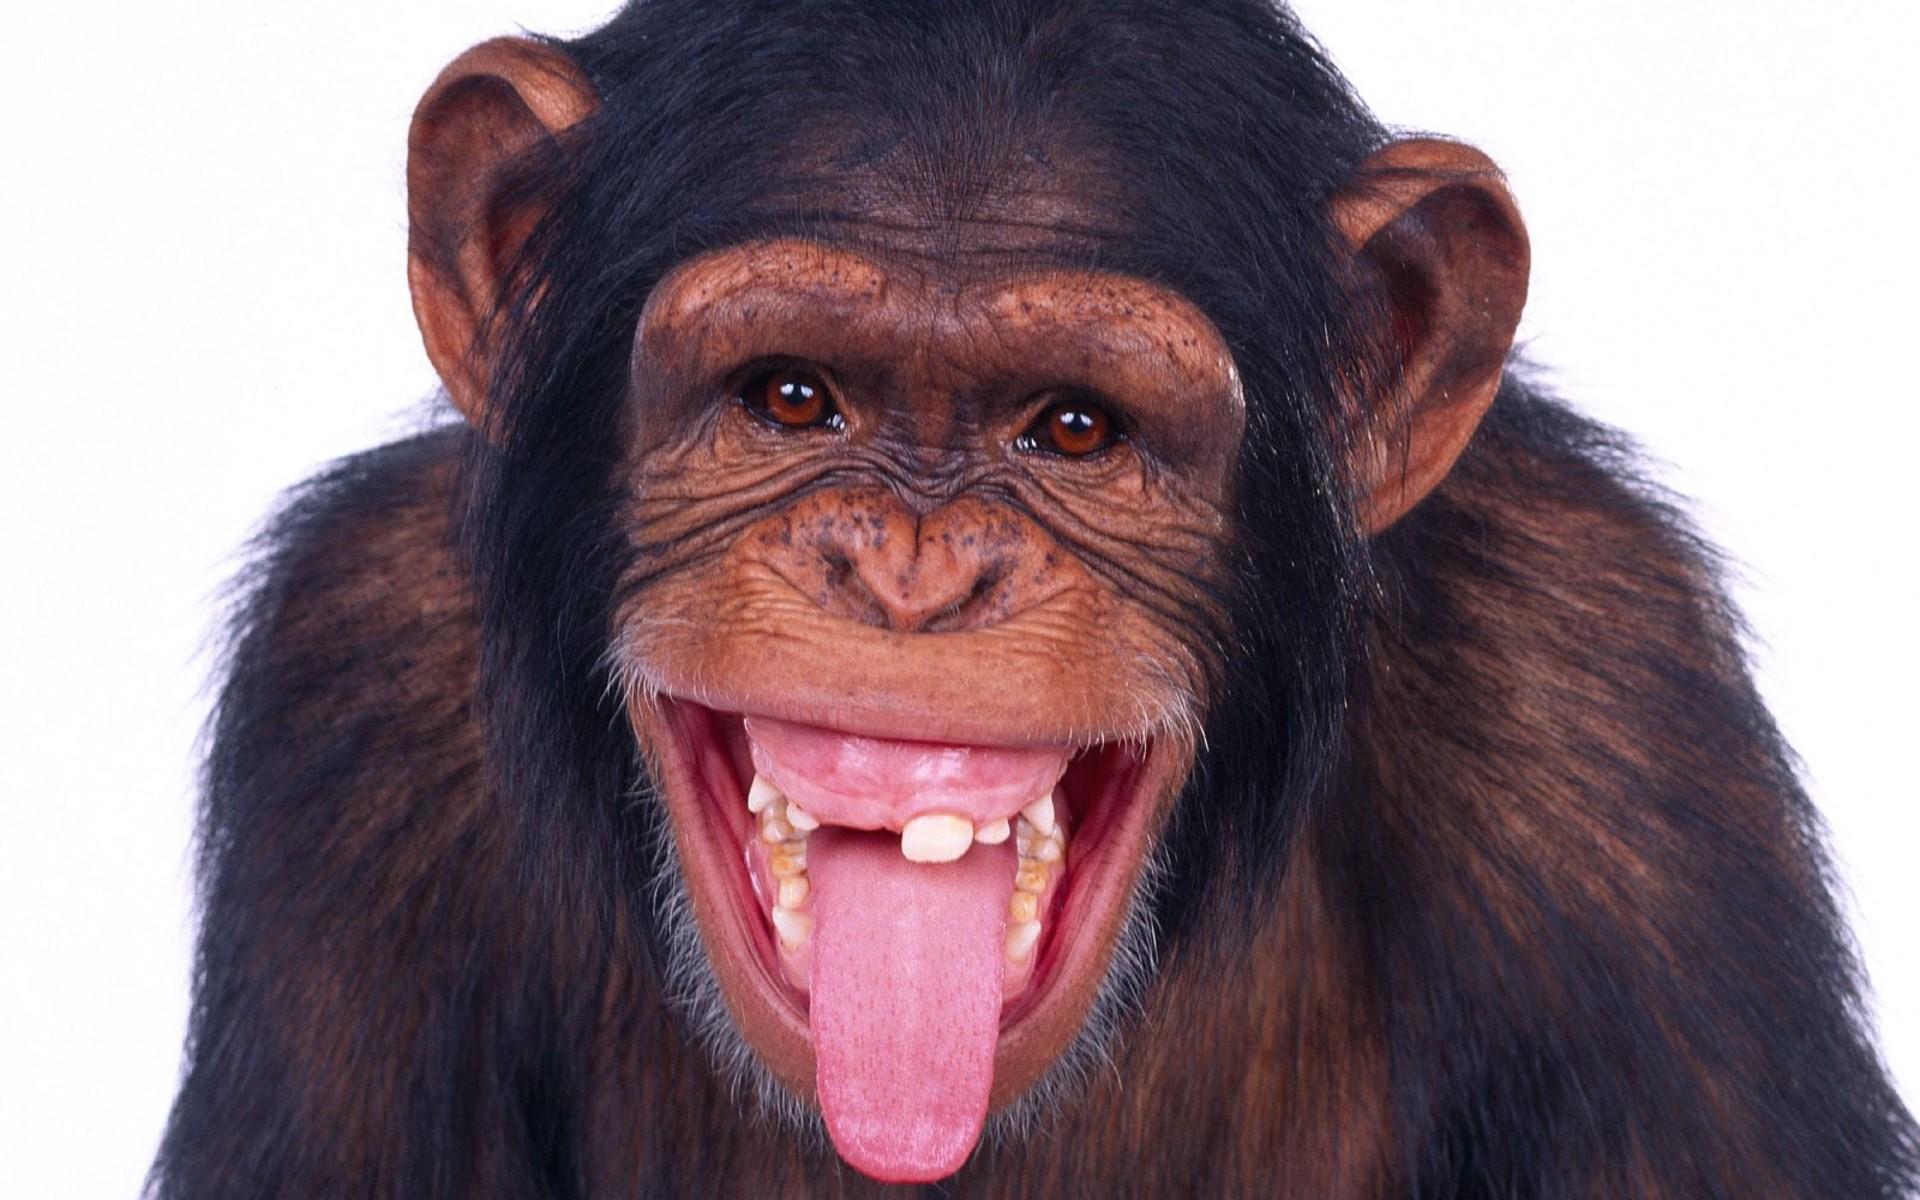 动物世界-猩猩猴子(1920x1200)壁纸